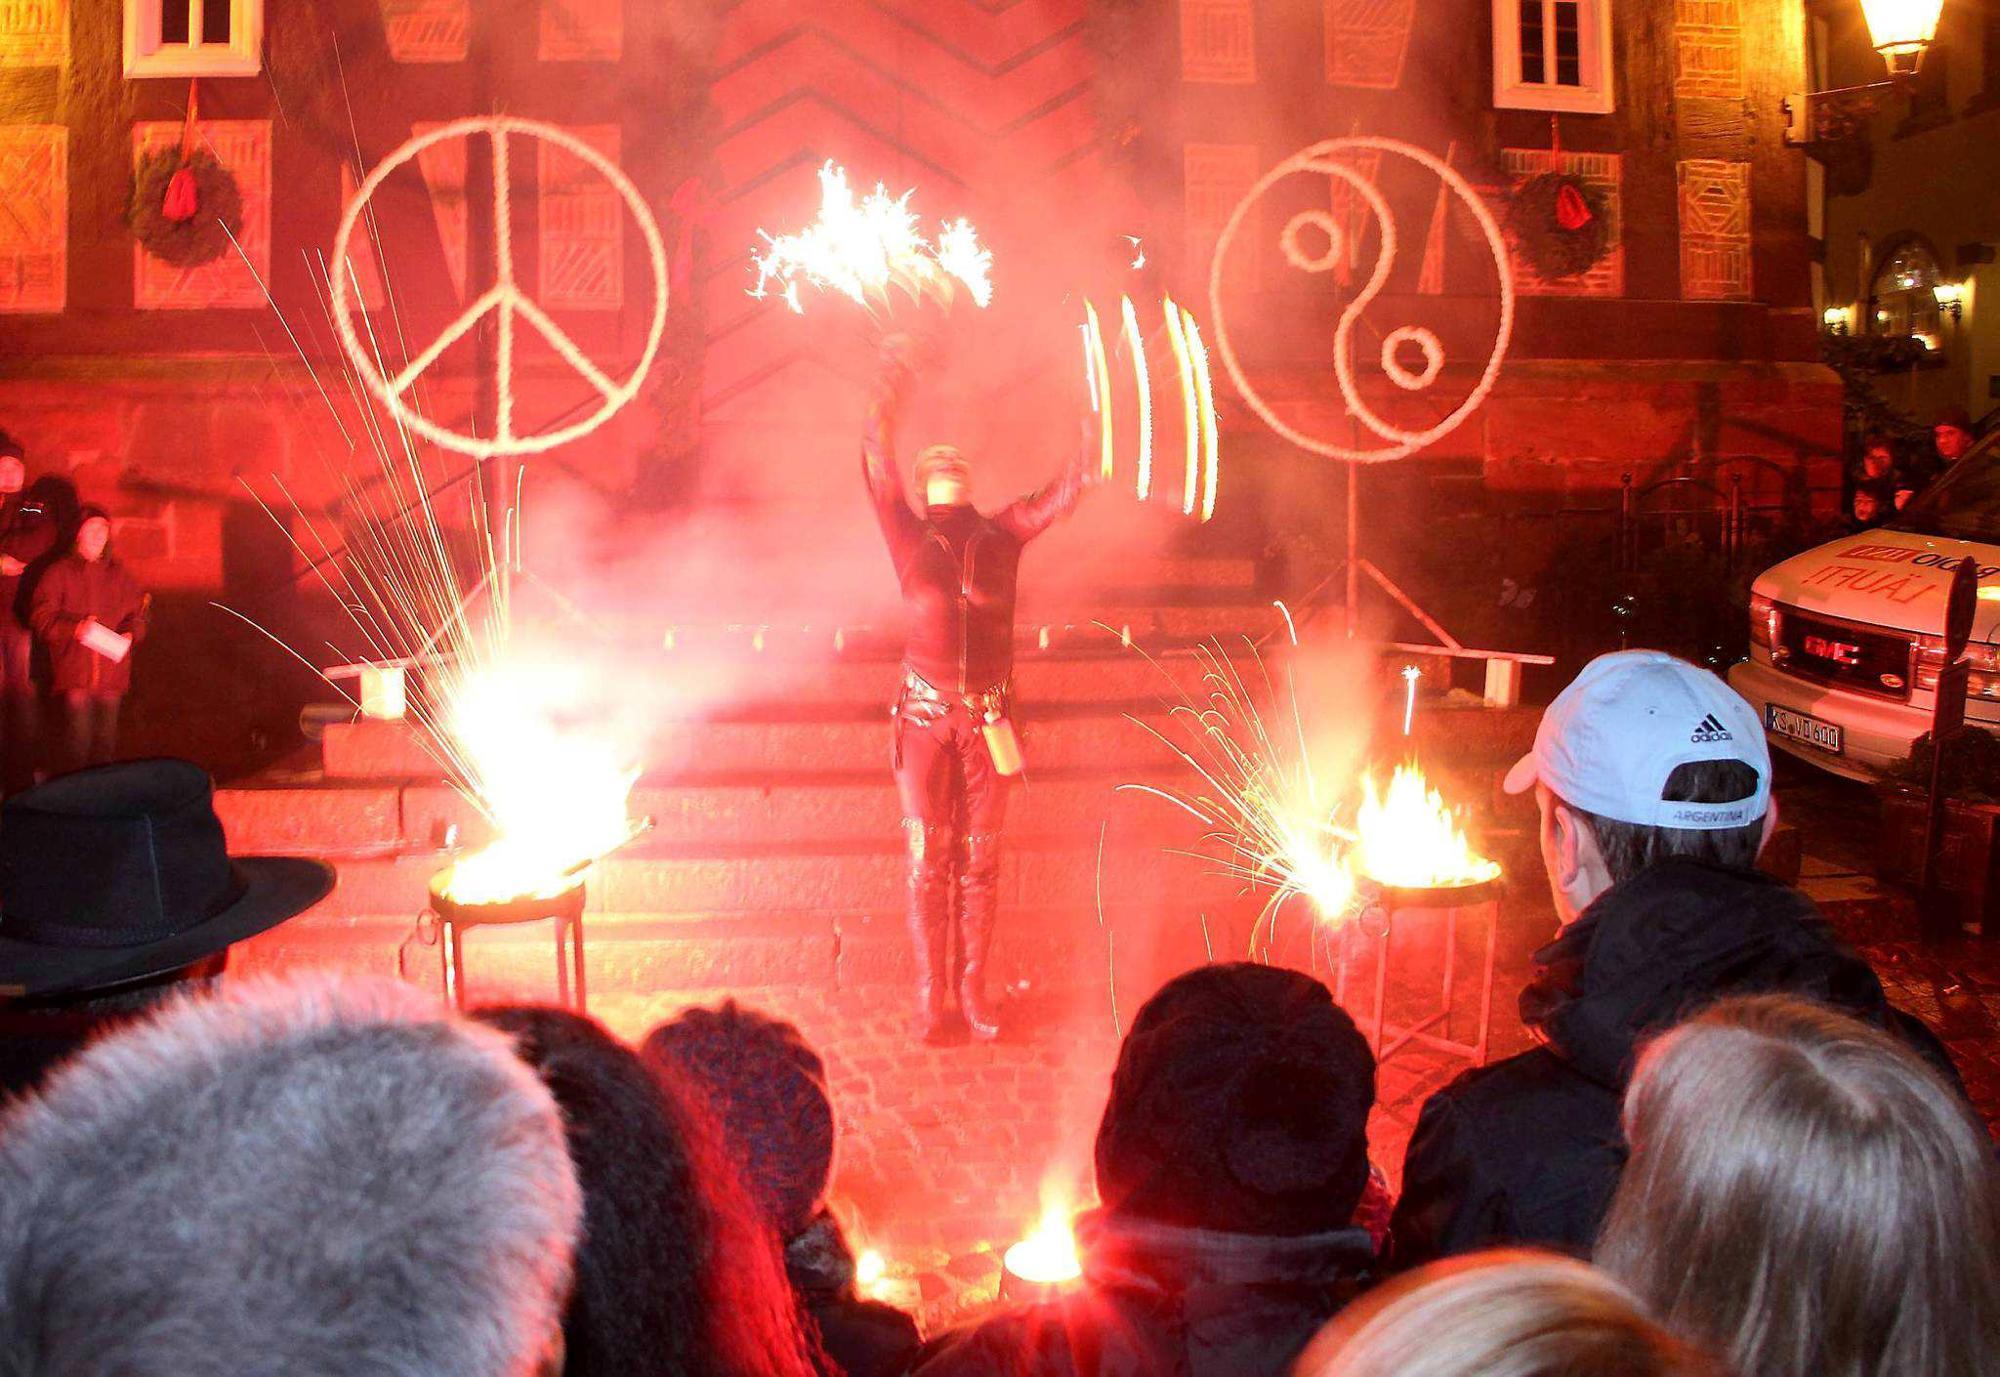 Weihnachtsmarkt Frankenberg.Frankenberg Spektakuläre Feuershow Beim Sonne Weihnachtsmarkt